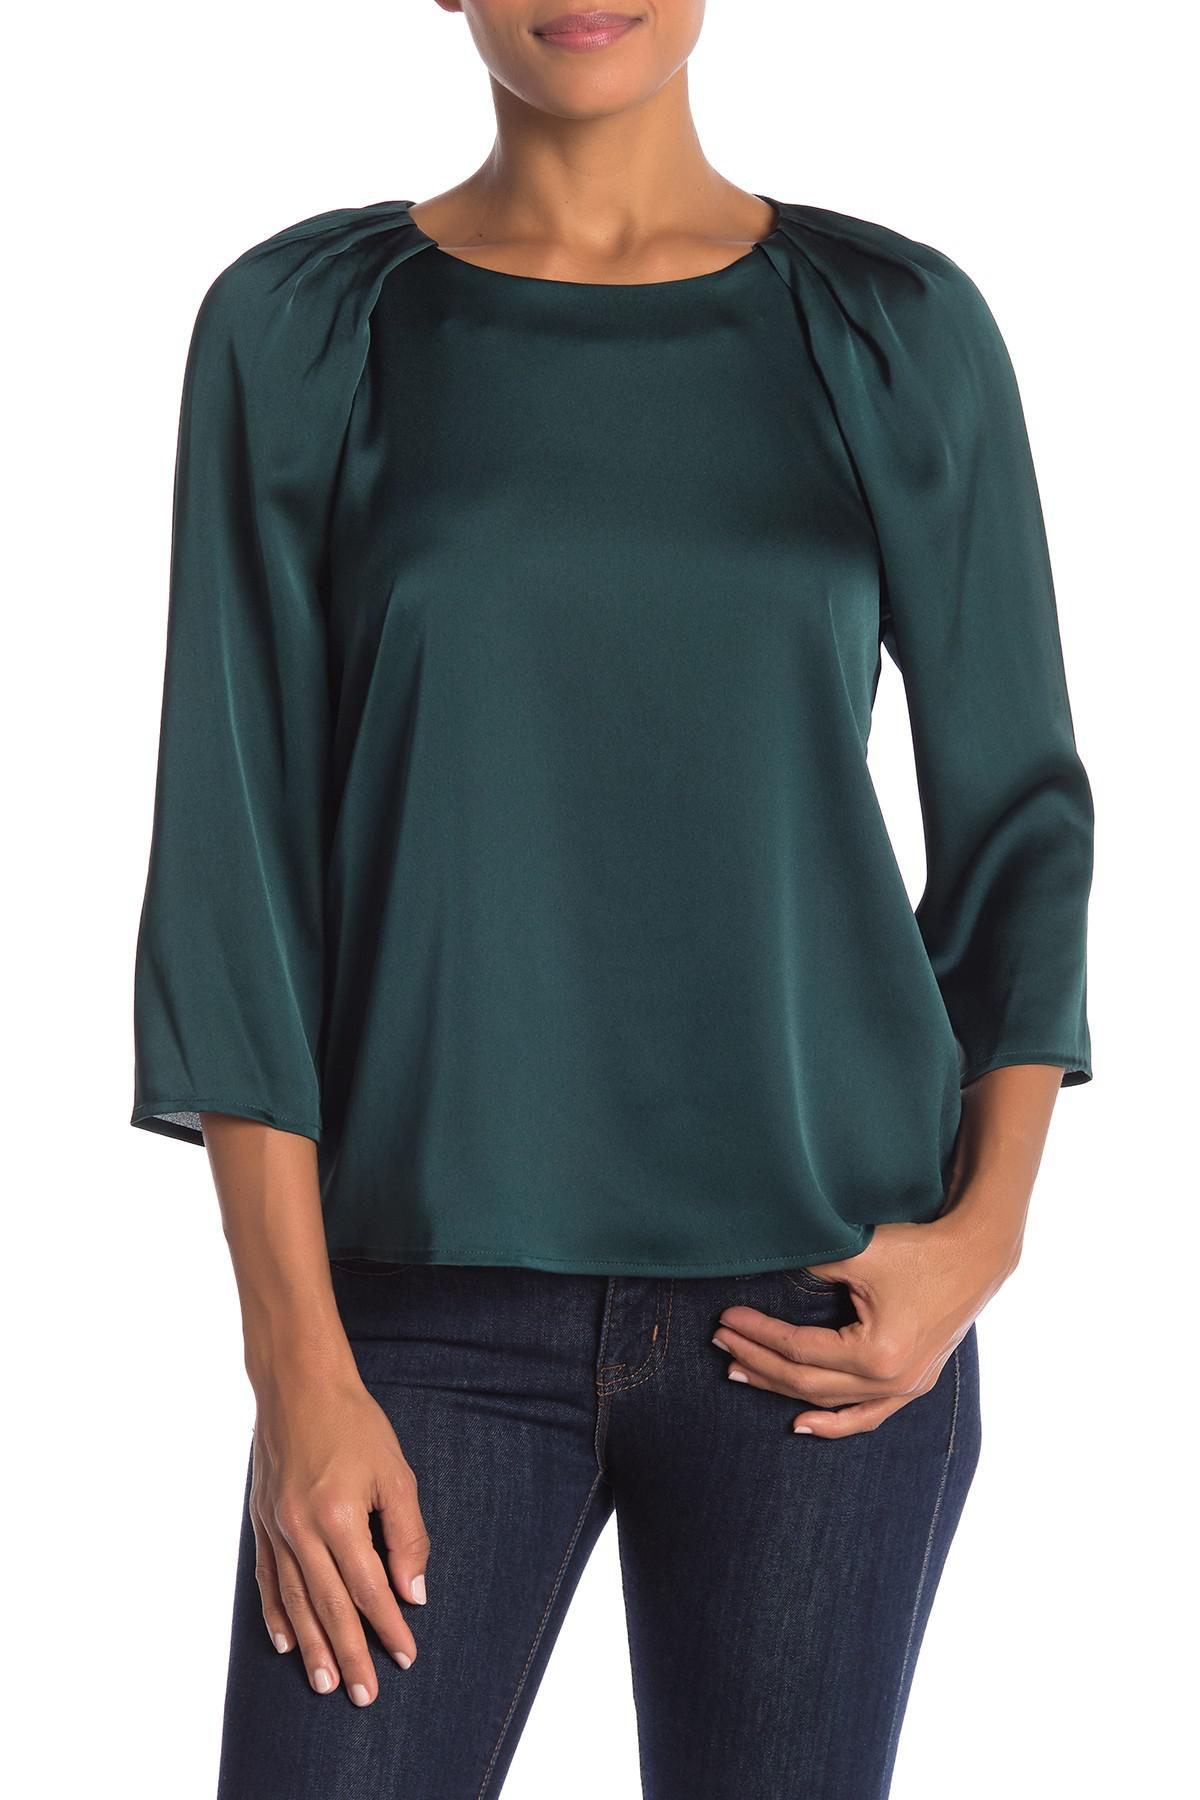 55466a4f53f98 Cece by Cynthia Steffe. Women s Green Charm Satin Blouse (regular   Plus  Size)